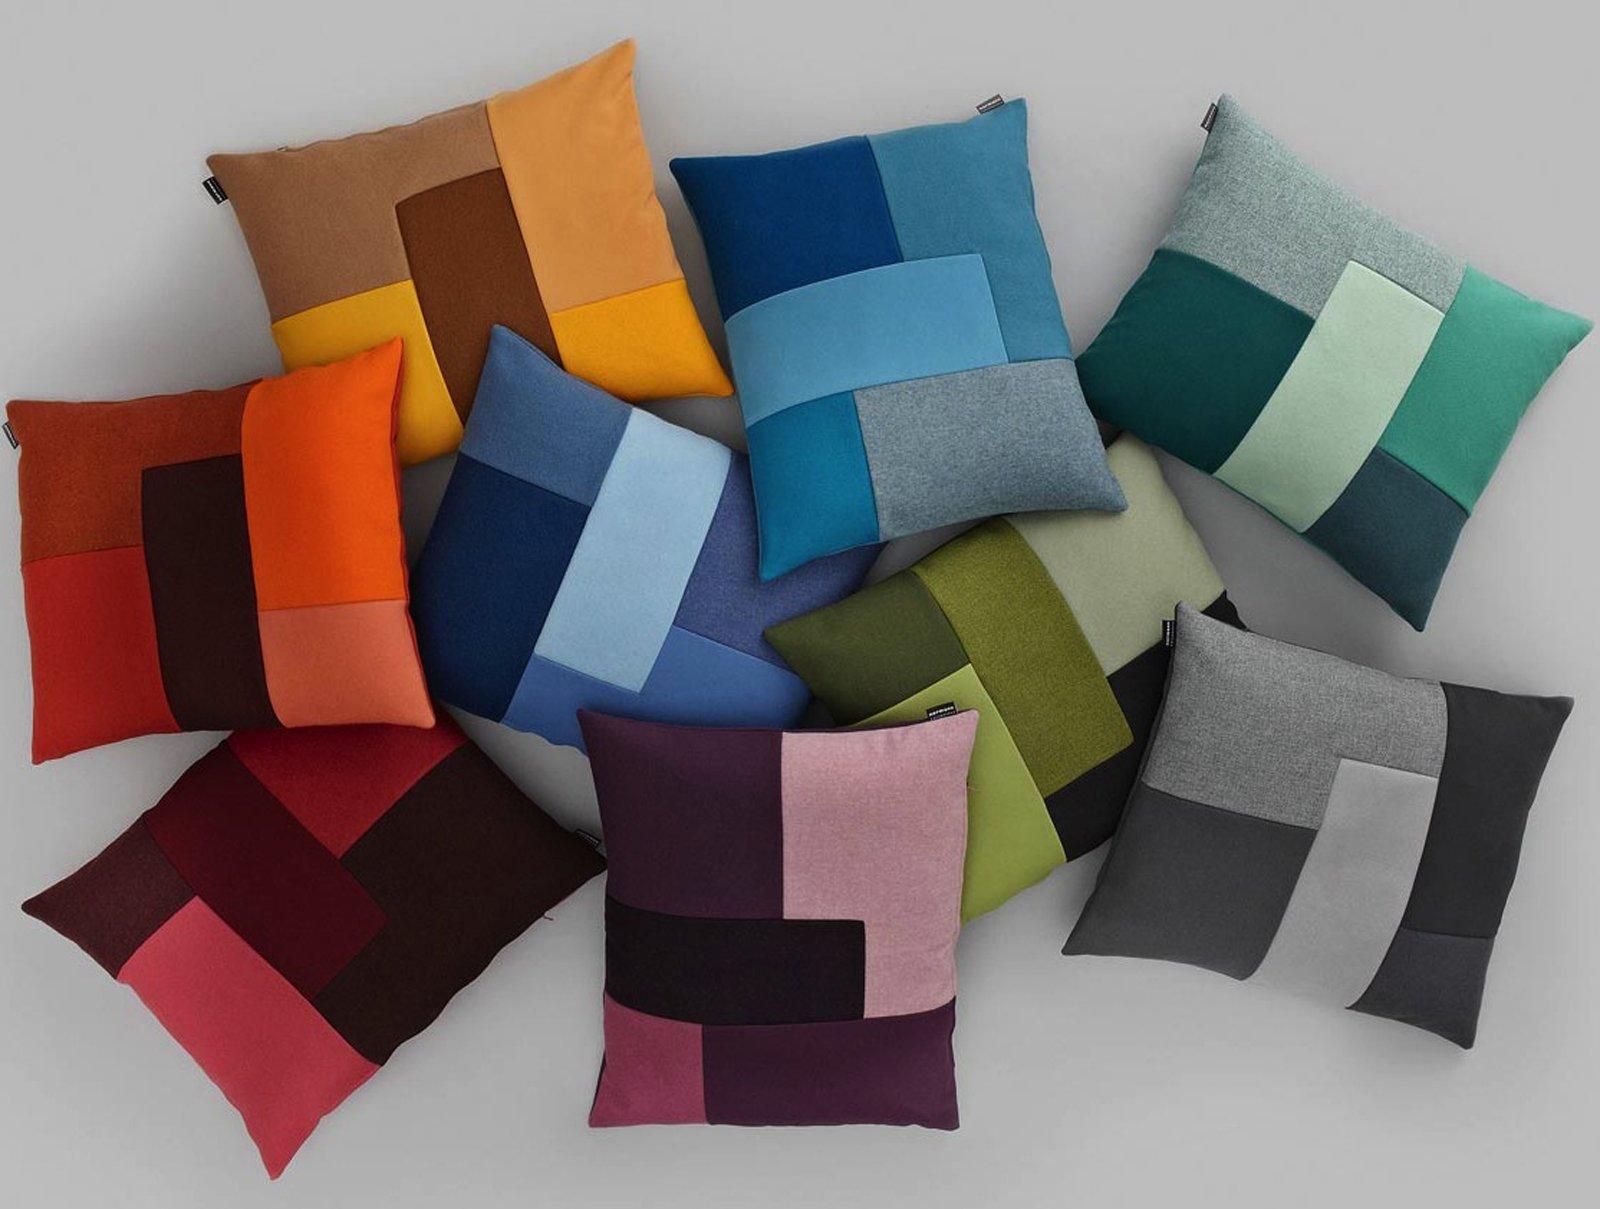 Cuscini per cambiare look alla casa cose di casa - Cuscini quadrati per divani ...